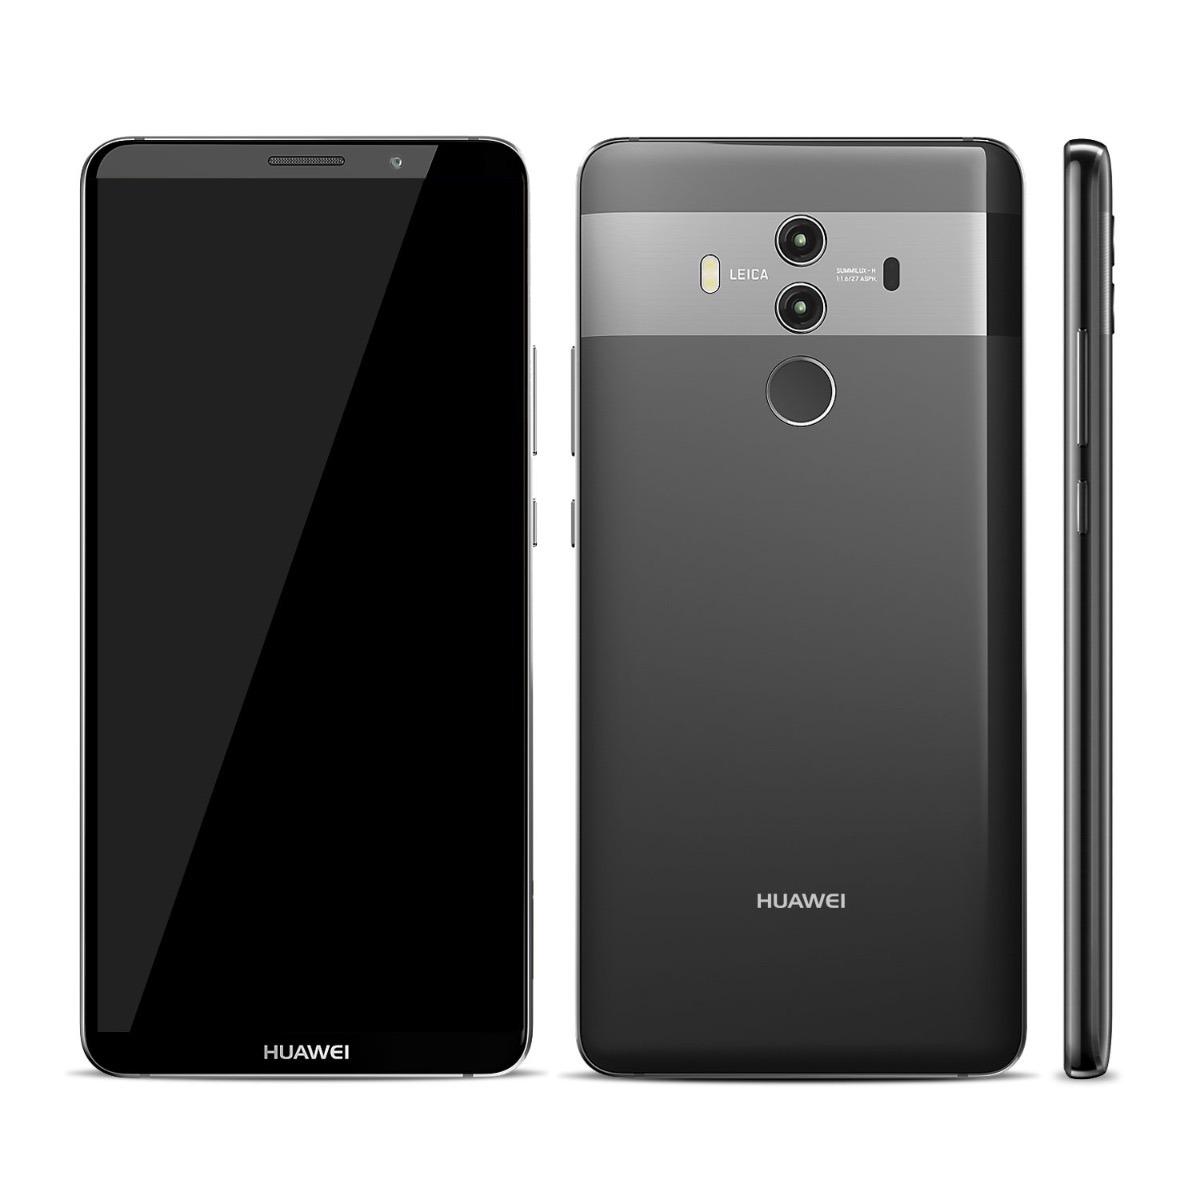 huawei mate 10 pro dual 128gb 6gb ram 4g biometria dual cam r em mercado livre. Black Bedroom Furniture Sets. Home Design Ideas